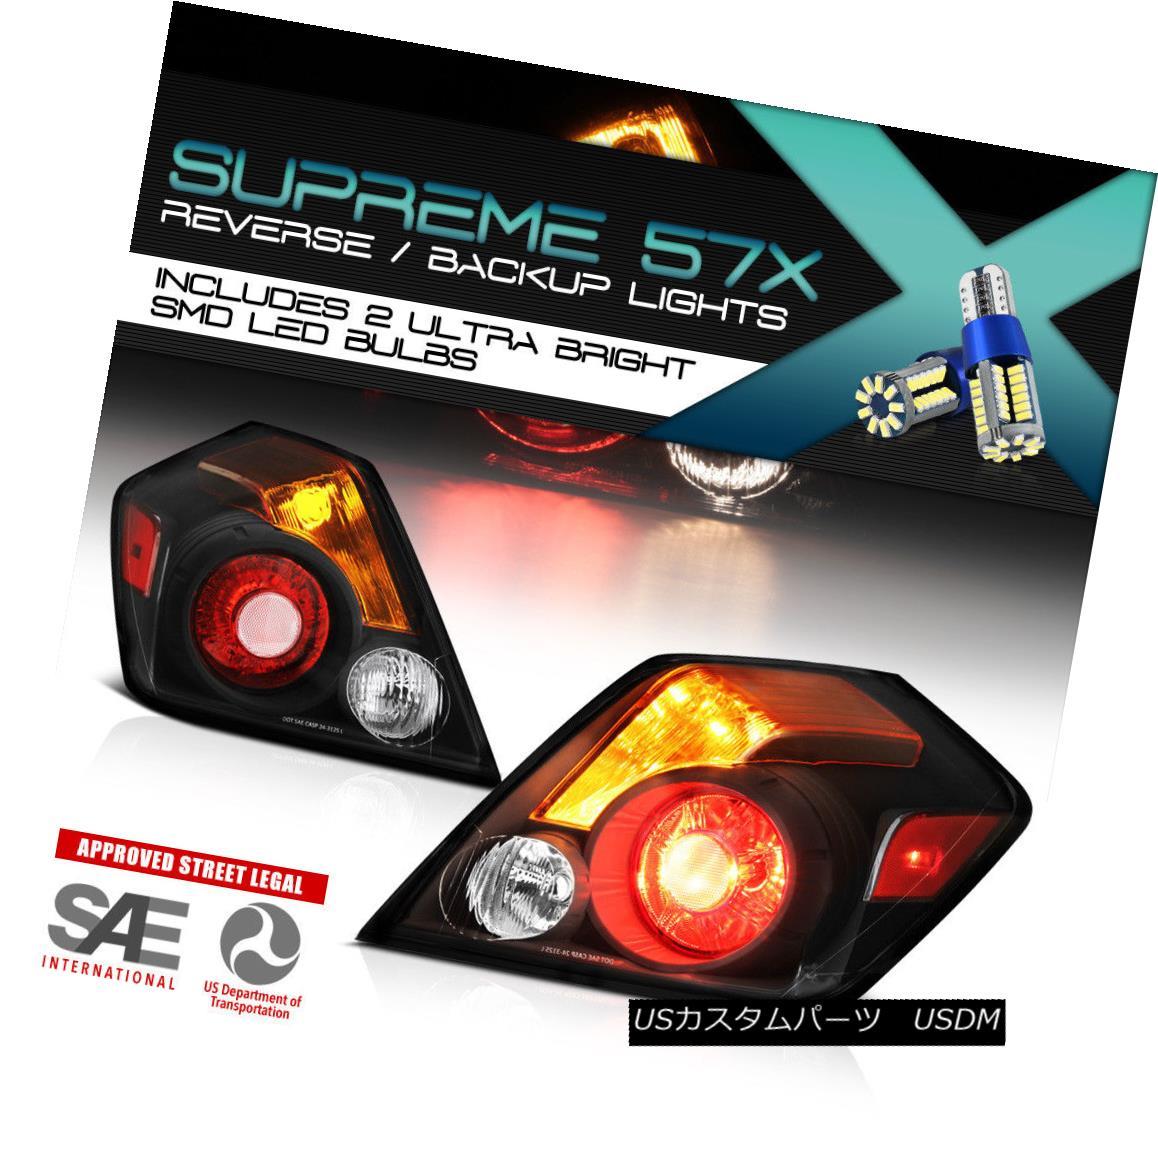 テールライト 360 Degree SMD Backup For 360 Nissan Altima SMD 4D Right Sedan SE-R 07-09 Taillight Right Left 日産アルティマ4DセダンSE-Rのための360度SMDバックアップ07-09ティアライト右左, 雑貨ギフト 萬屋e-shopサトムラ:a248c155 --- officewill.xsrv.jp